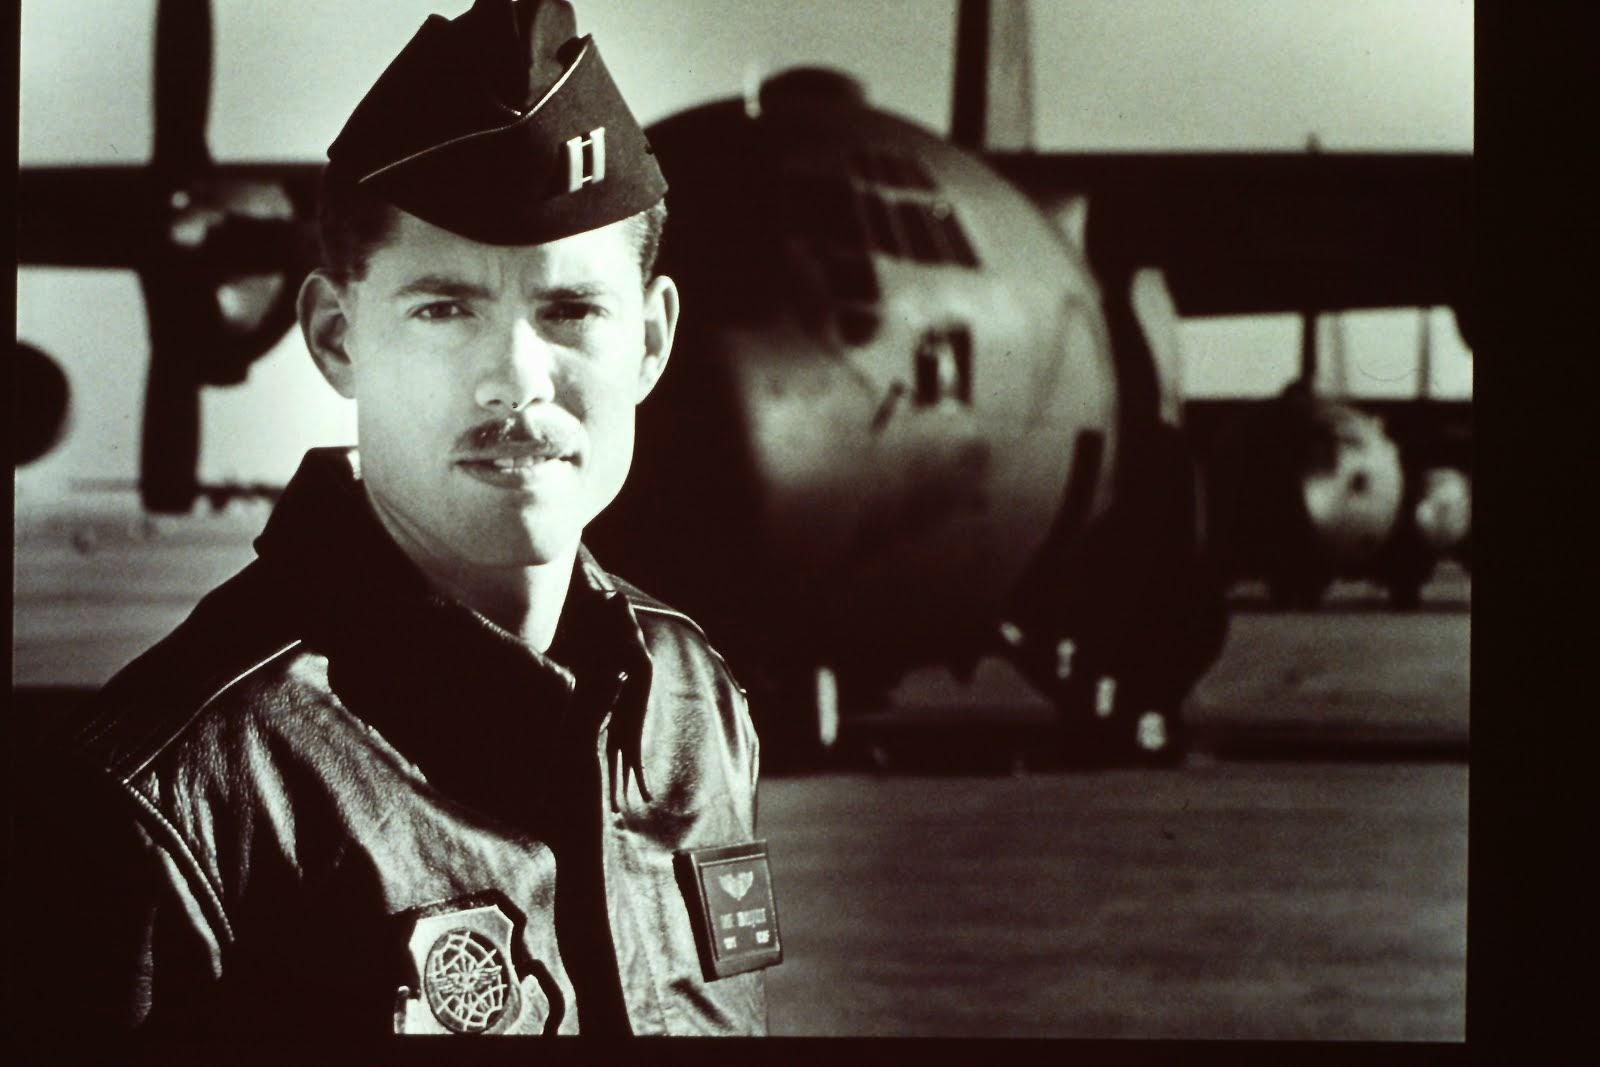 Capt. David Tingquest, 1987